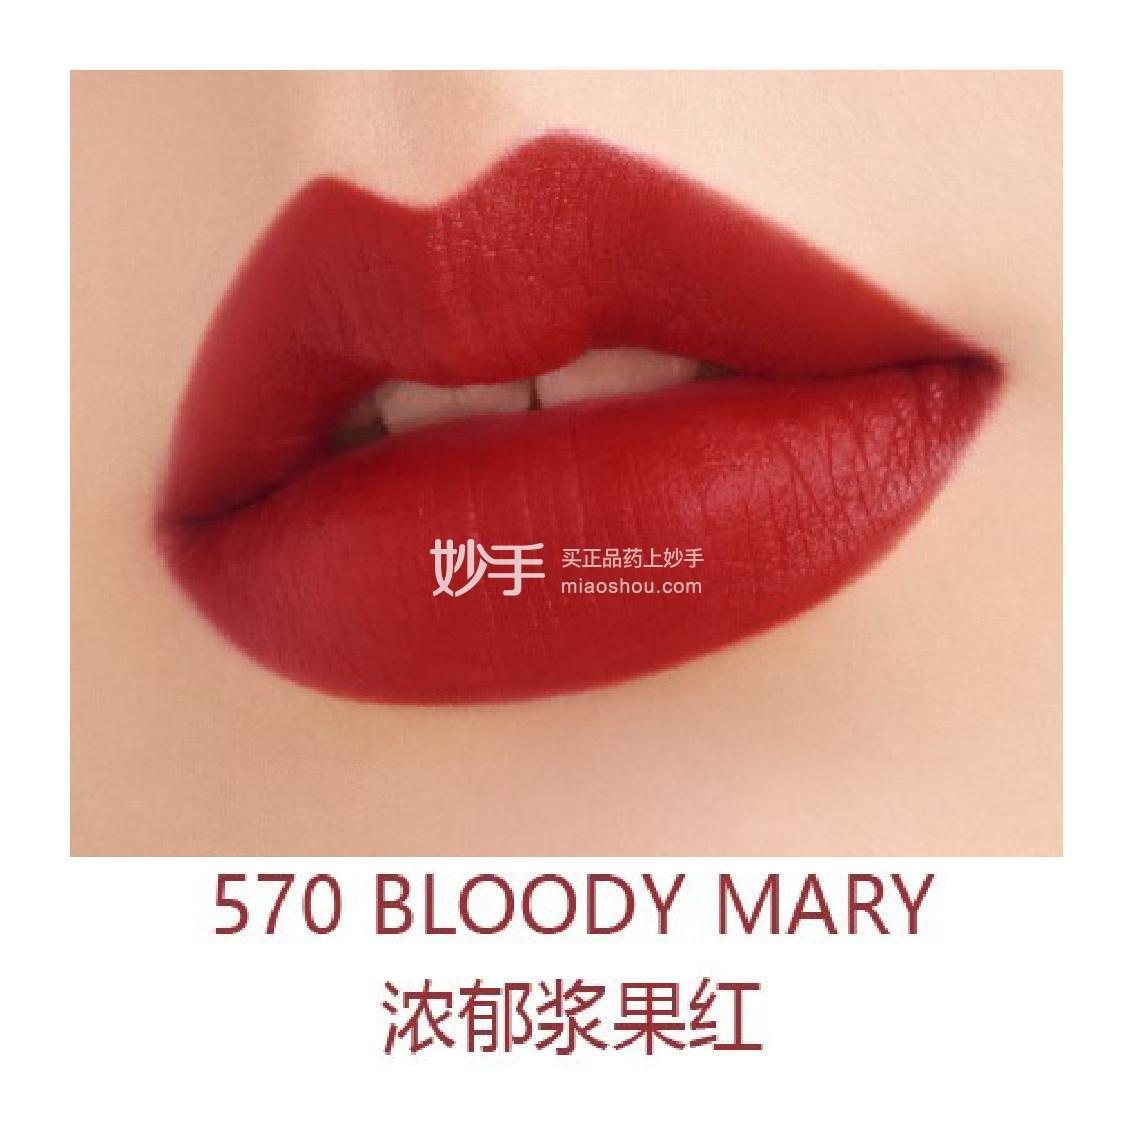 卡珞芮思丝绒倾慕口红 570 血腥玛丽 3.5g